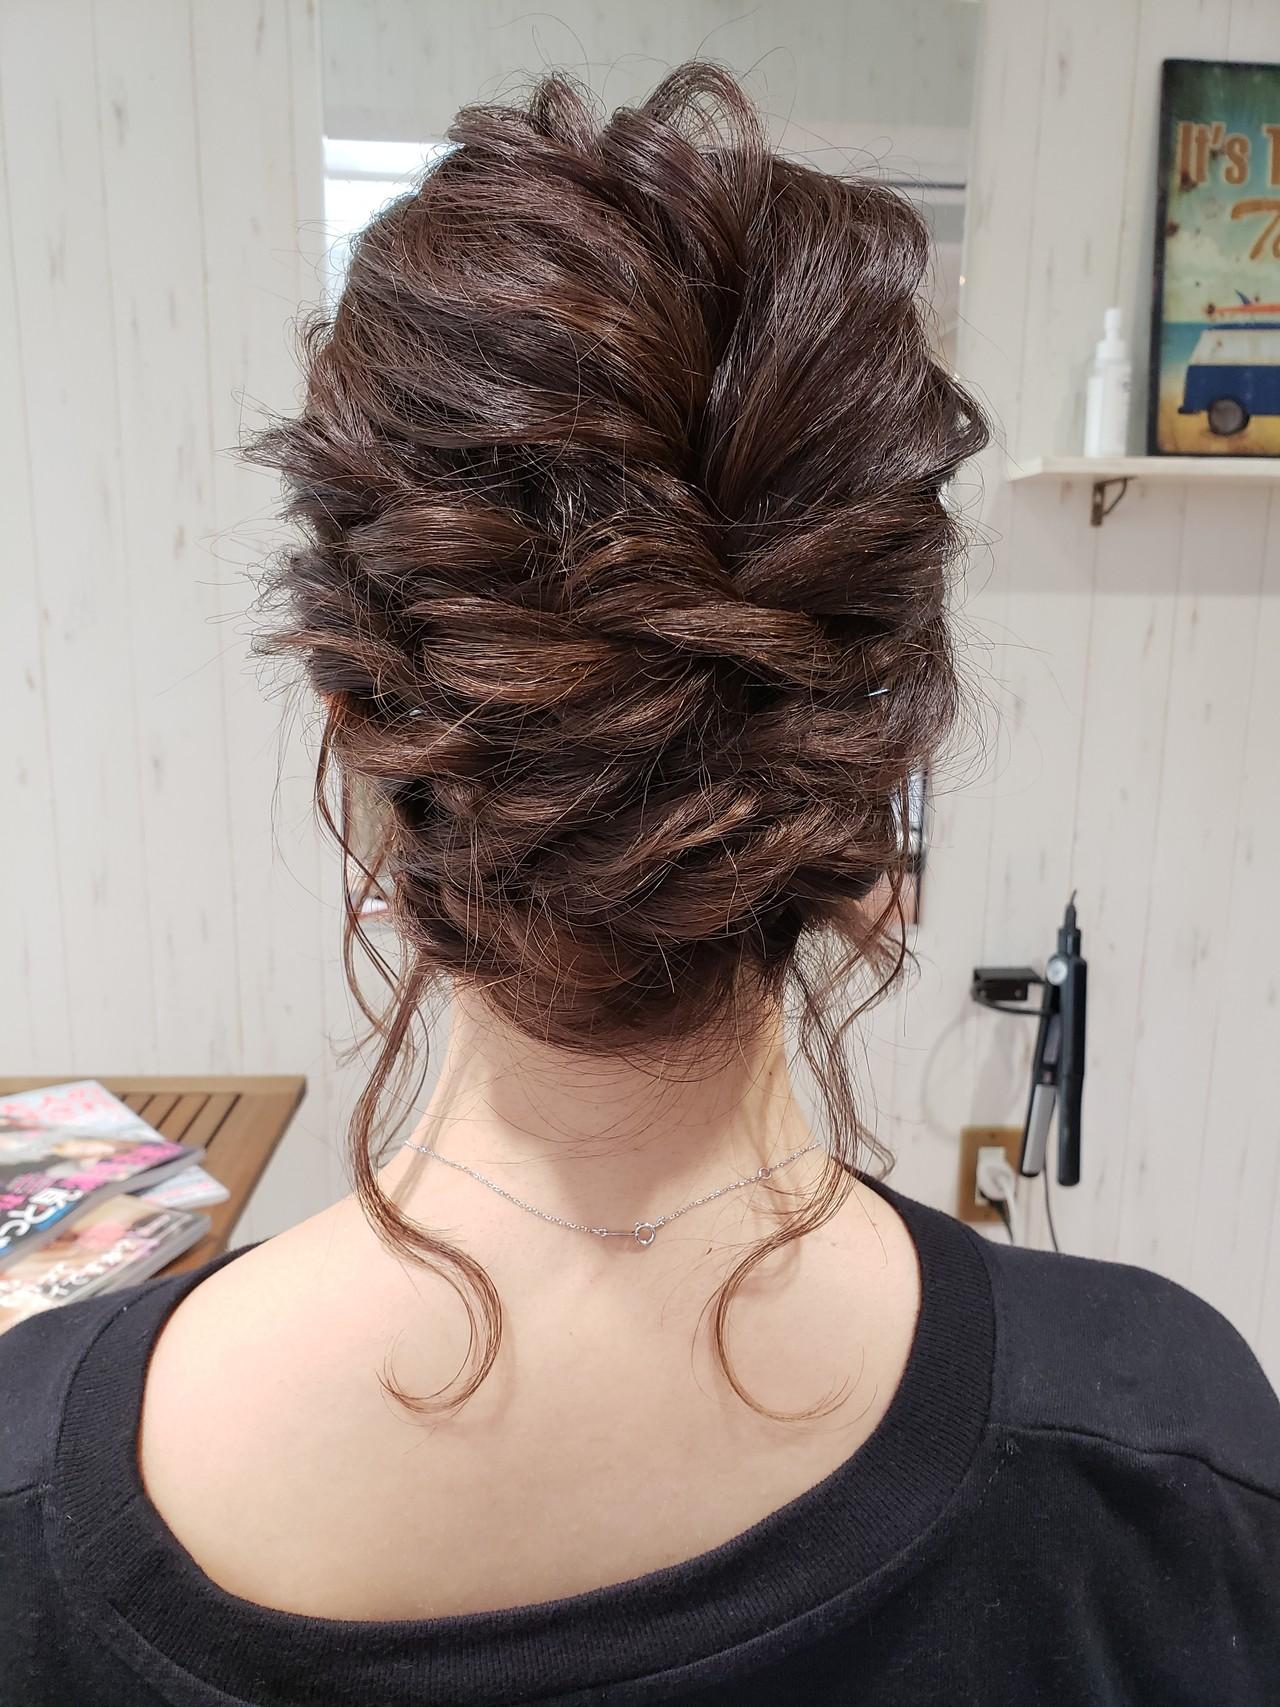 結婚式 ヘアアレンジ イルミナカラー フェミニン ヘアスタイルや髪型の写真・画像 | 菅原匠 / Hair&Nail anchor by Laf